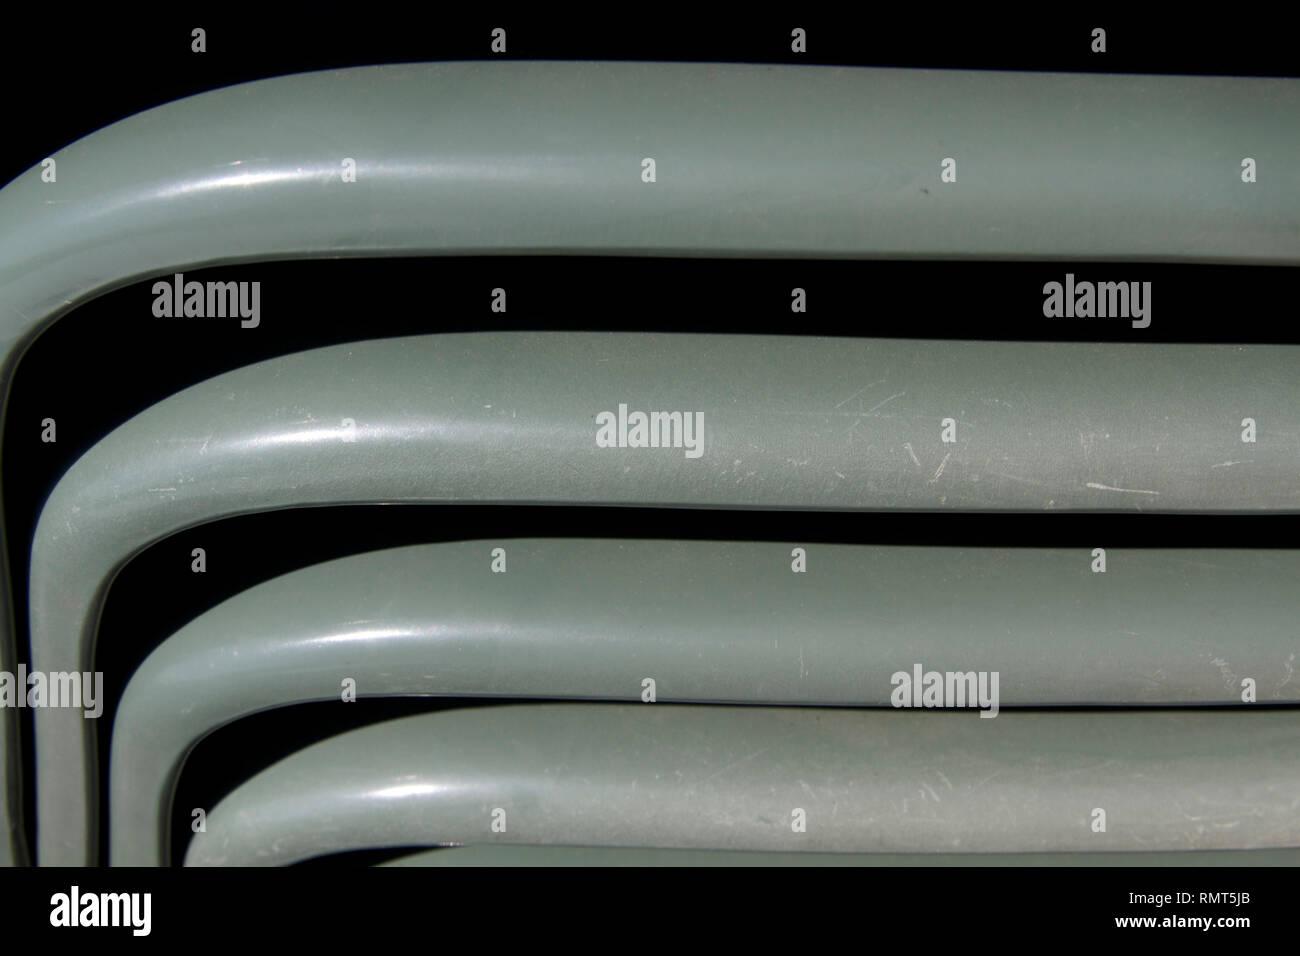 Sillas de plástico verde Alvito-Dark apiladas verticalmente cerrar 11 Imagen De Stock